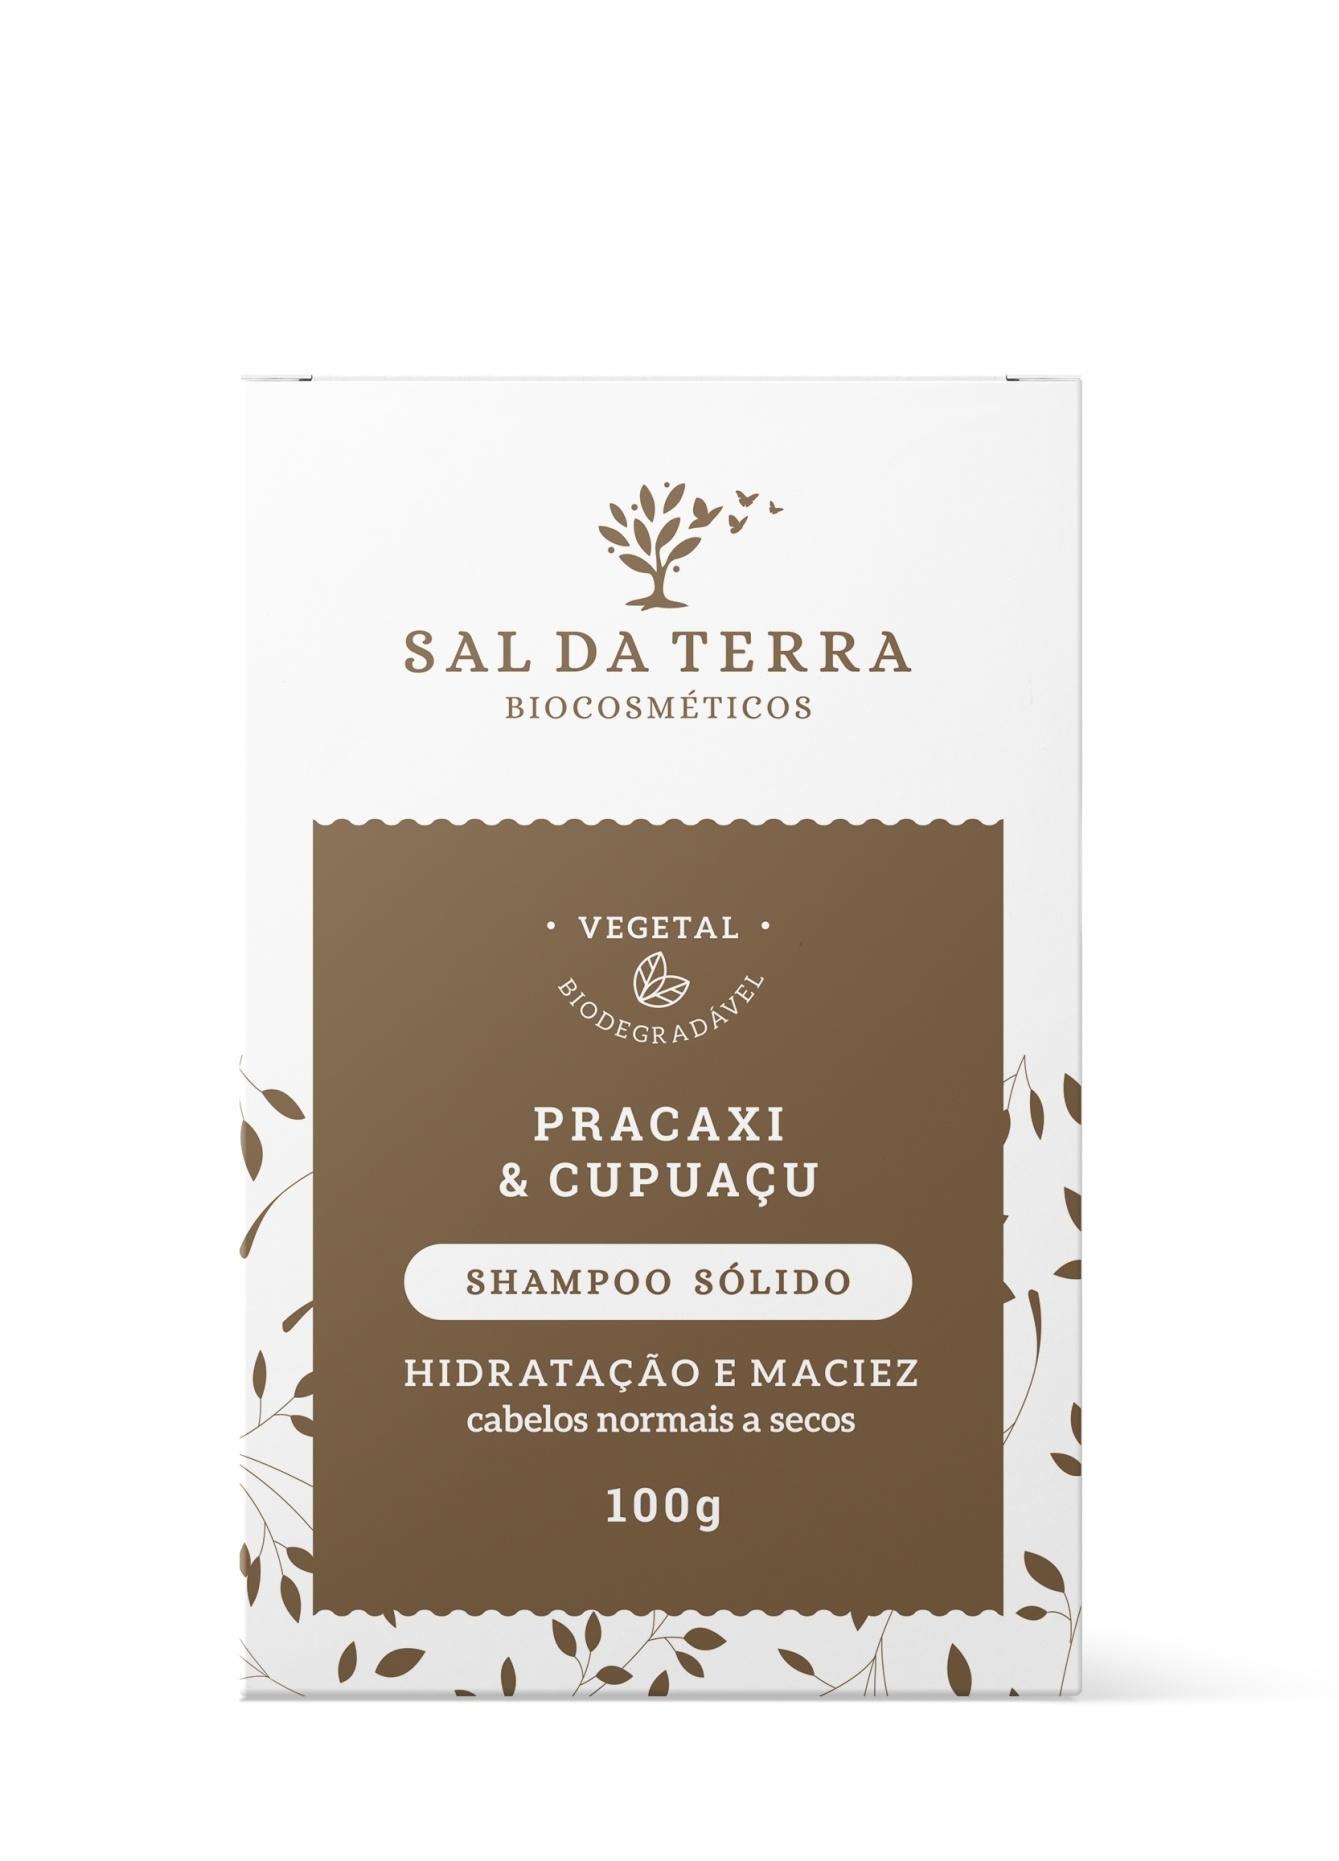 Shampoo Sólido Pracaxi e Cupuaçu 100 g